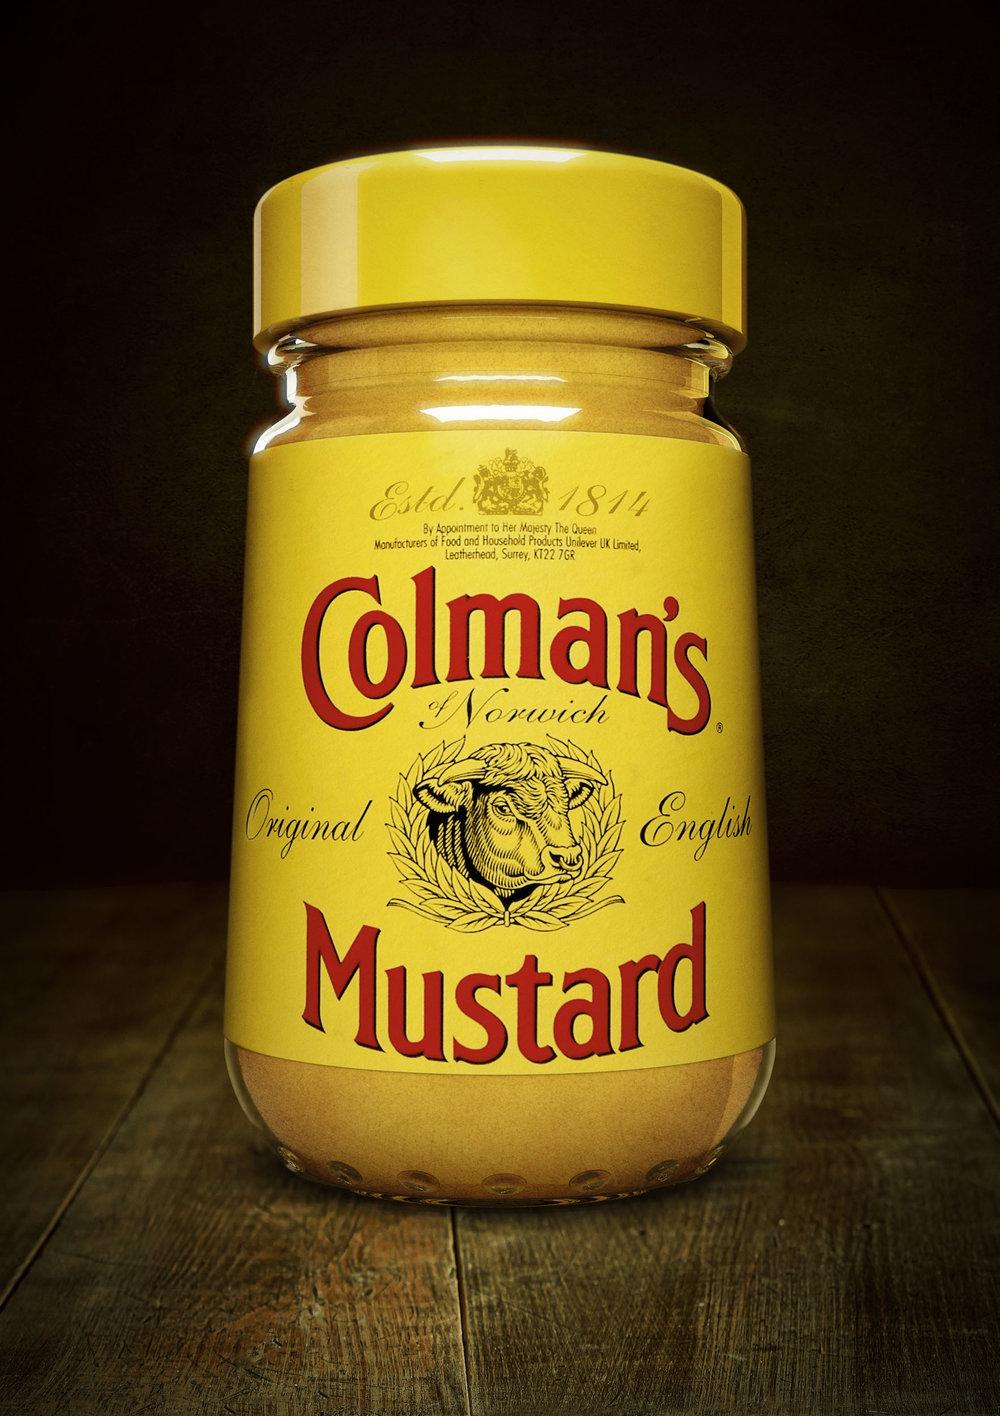 BOOM_CGI_FOODANDDRINKS_colmans-mustard.jpg